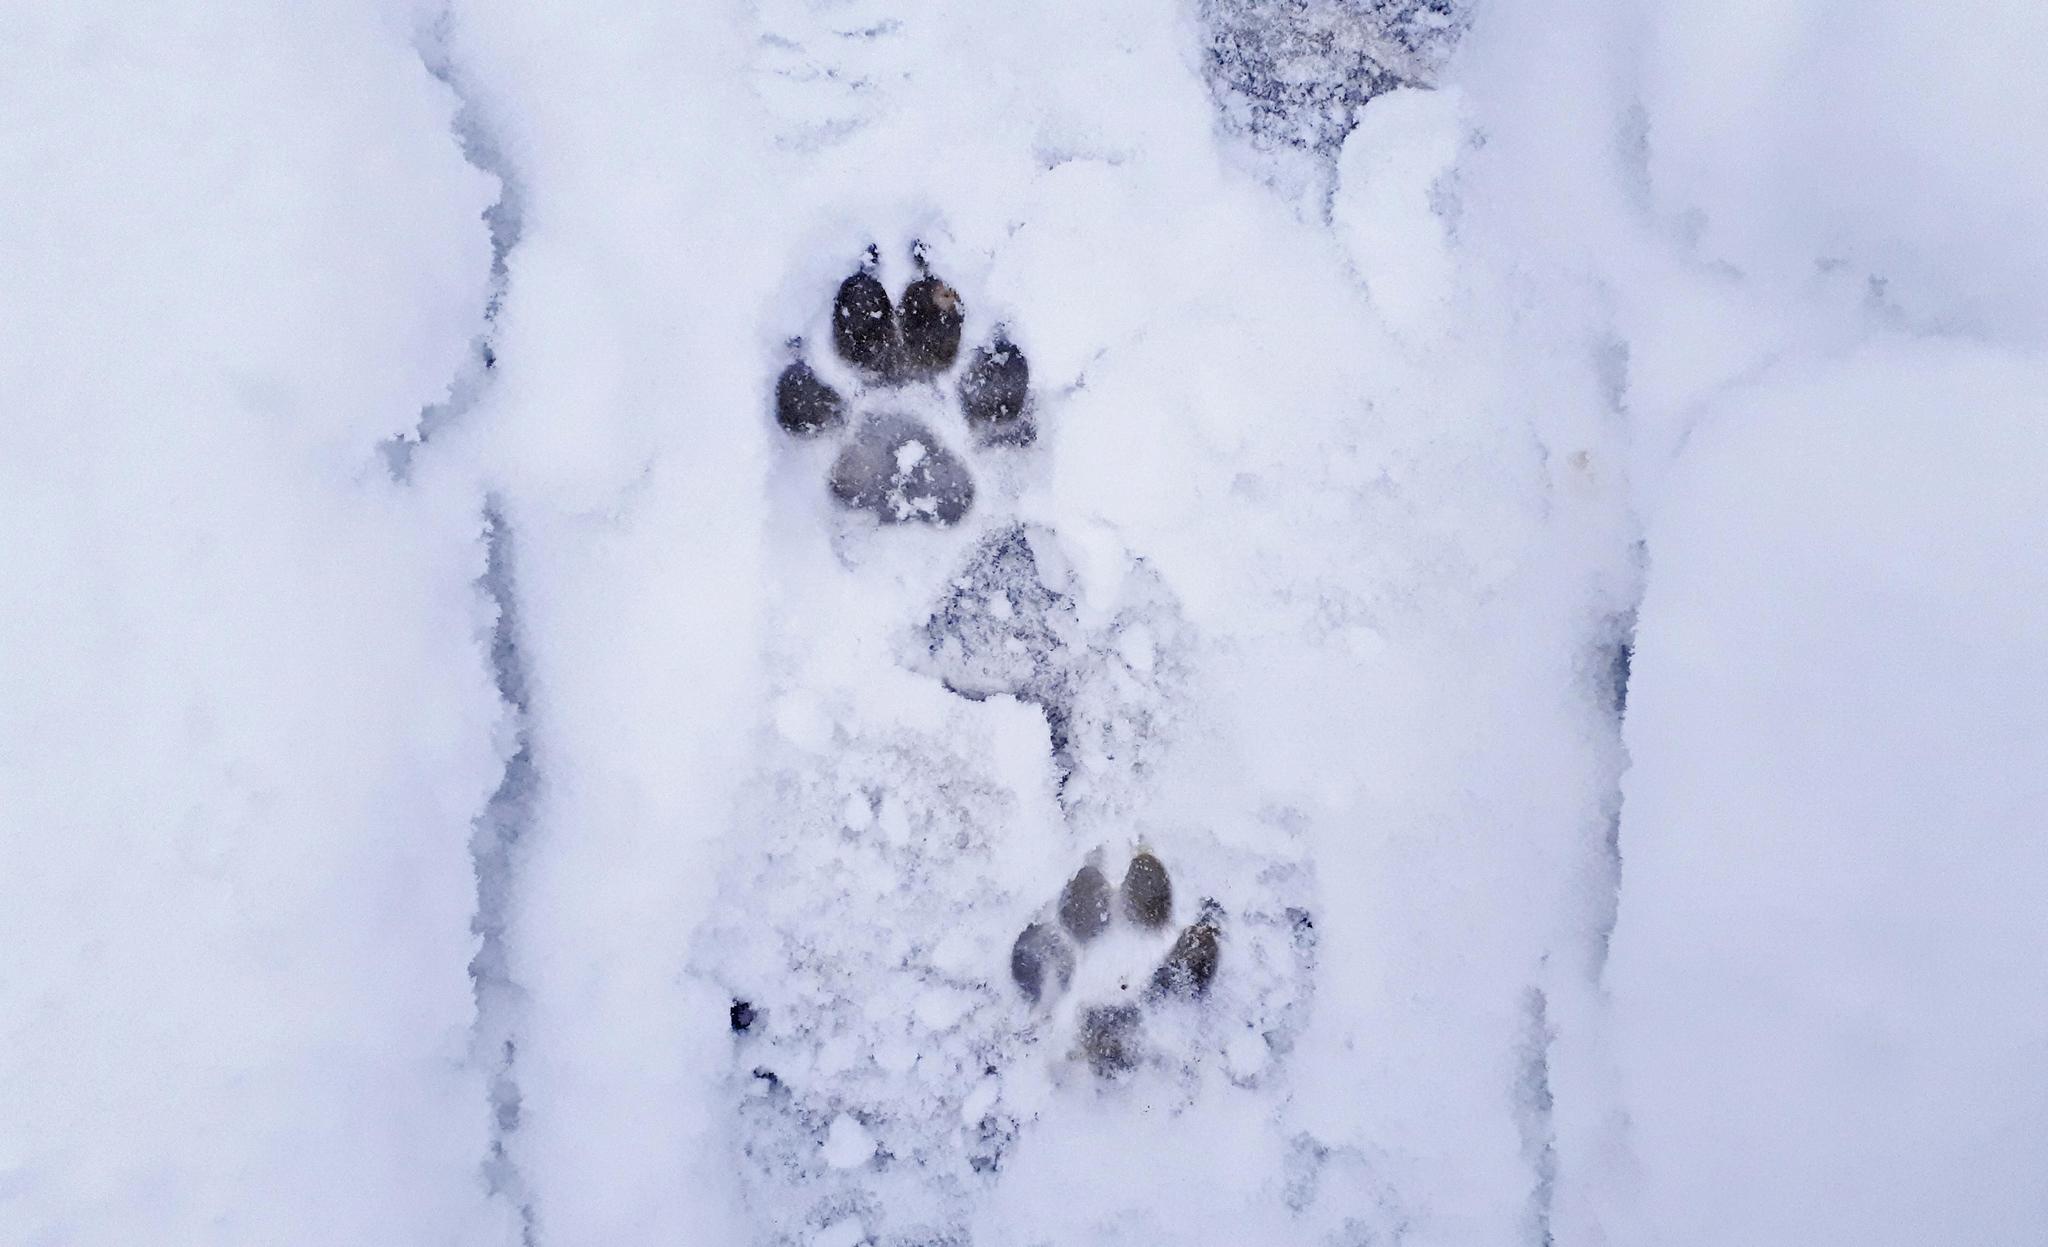 ízületi fájdalom kezelése hóval és sóval)